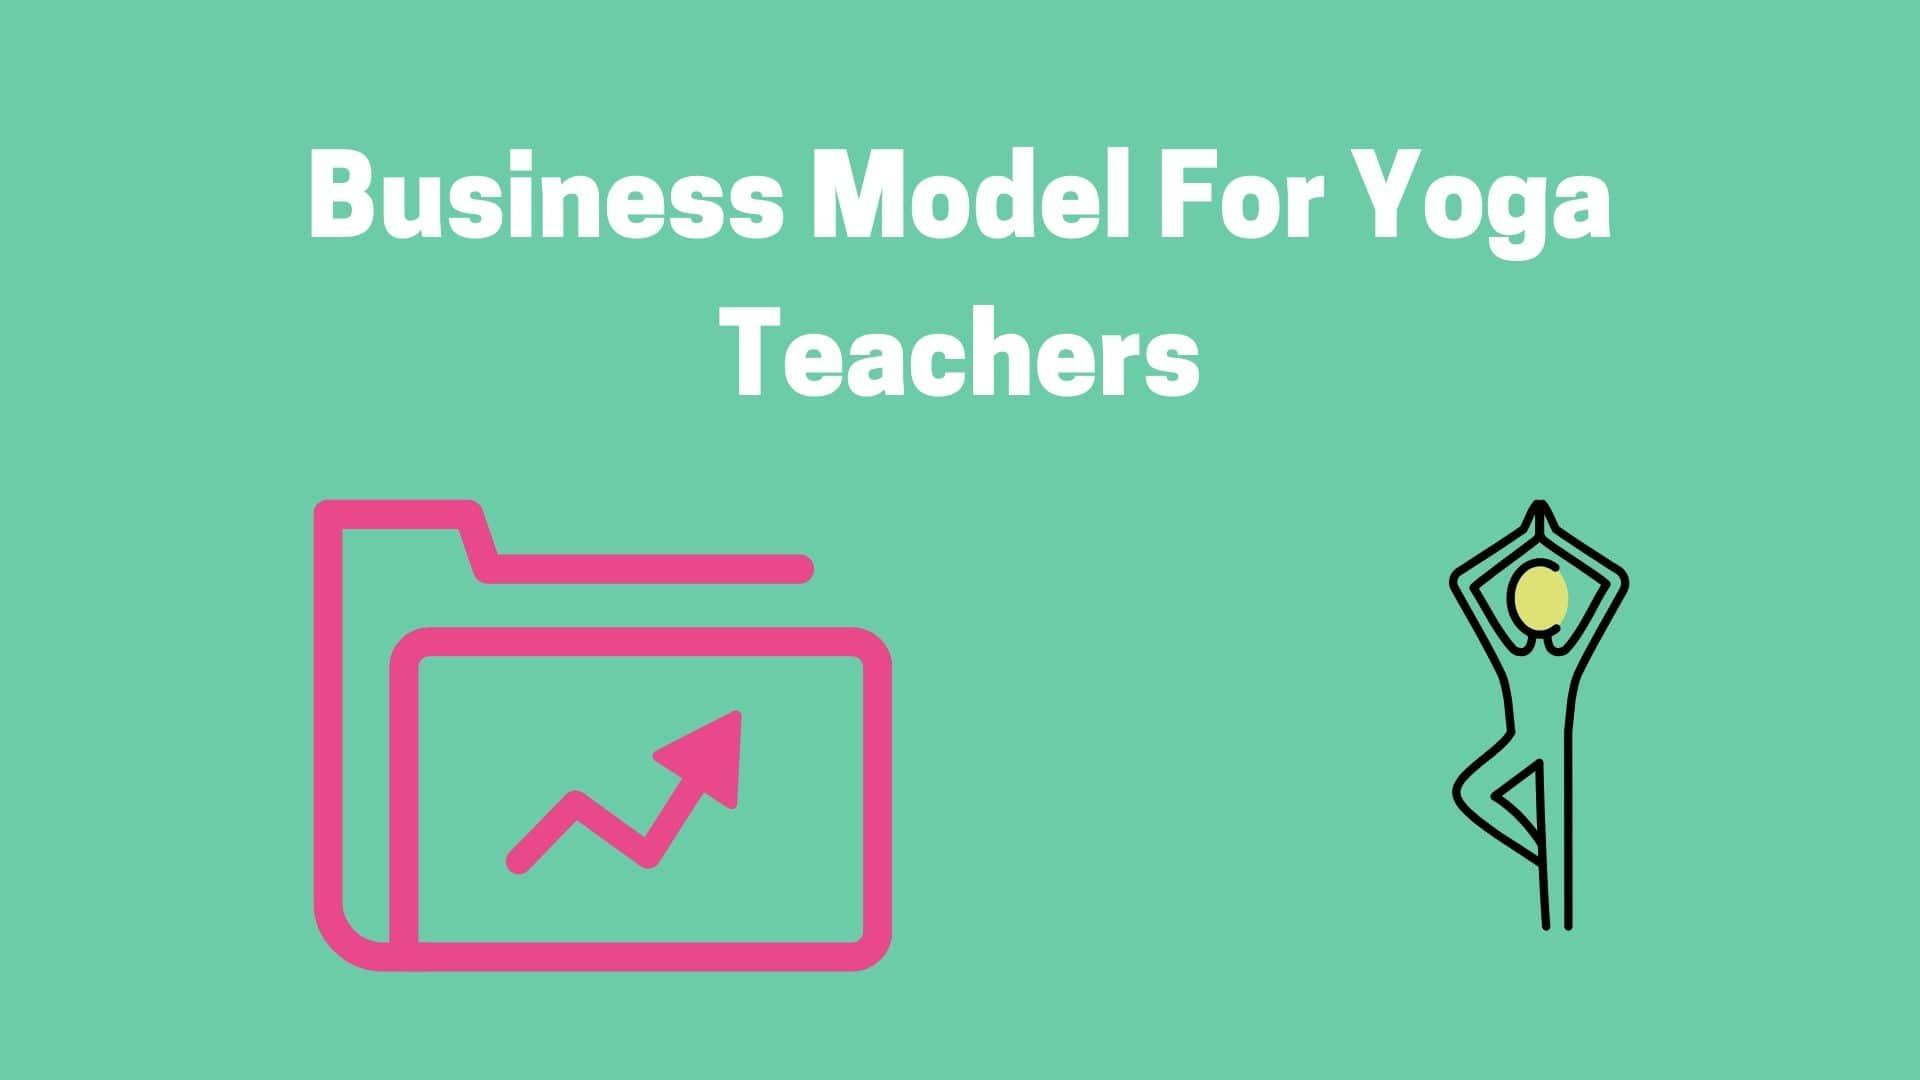 Business Model For Yoga Teachers